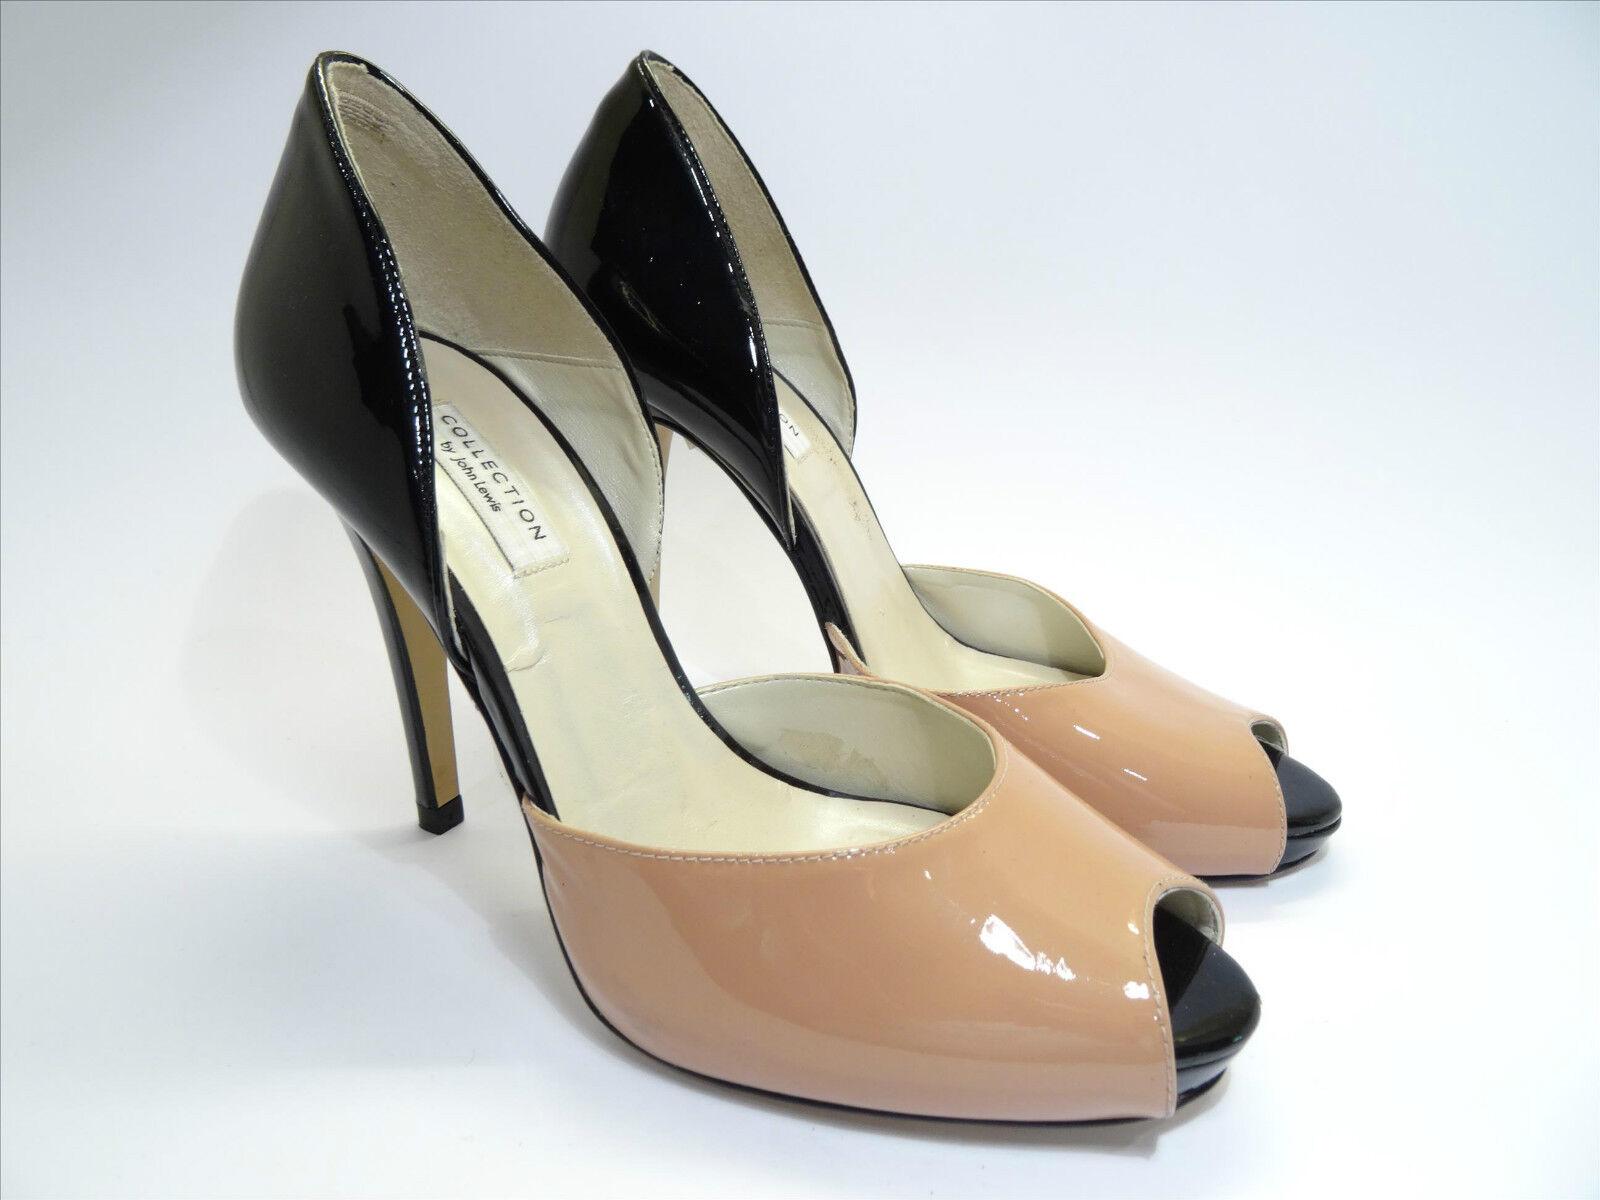 John Lewis-Eliza Nero & Corallo Profondo-tacchi taglia da donna-scegli la tua taglia Profondo-tacchi 8aed43